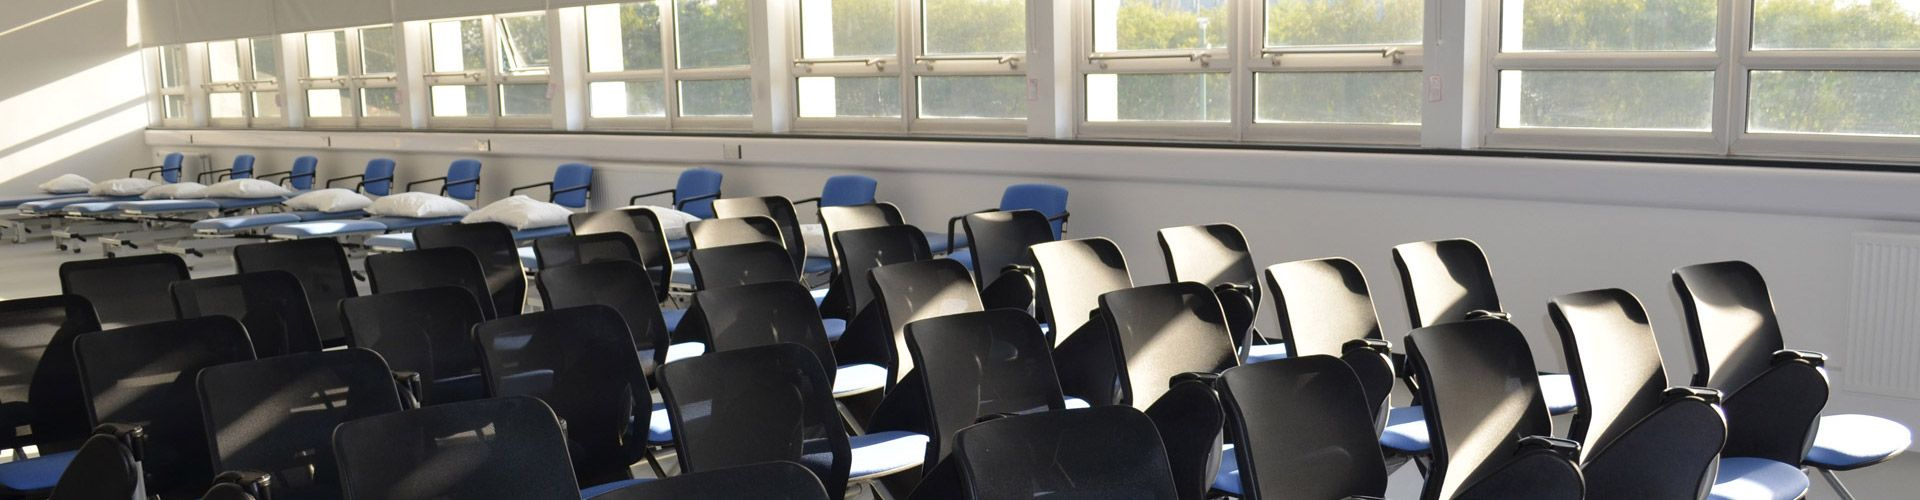 Dandg Education Sector Banner